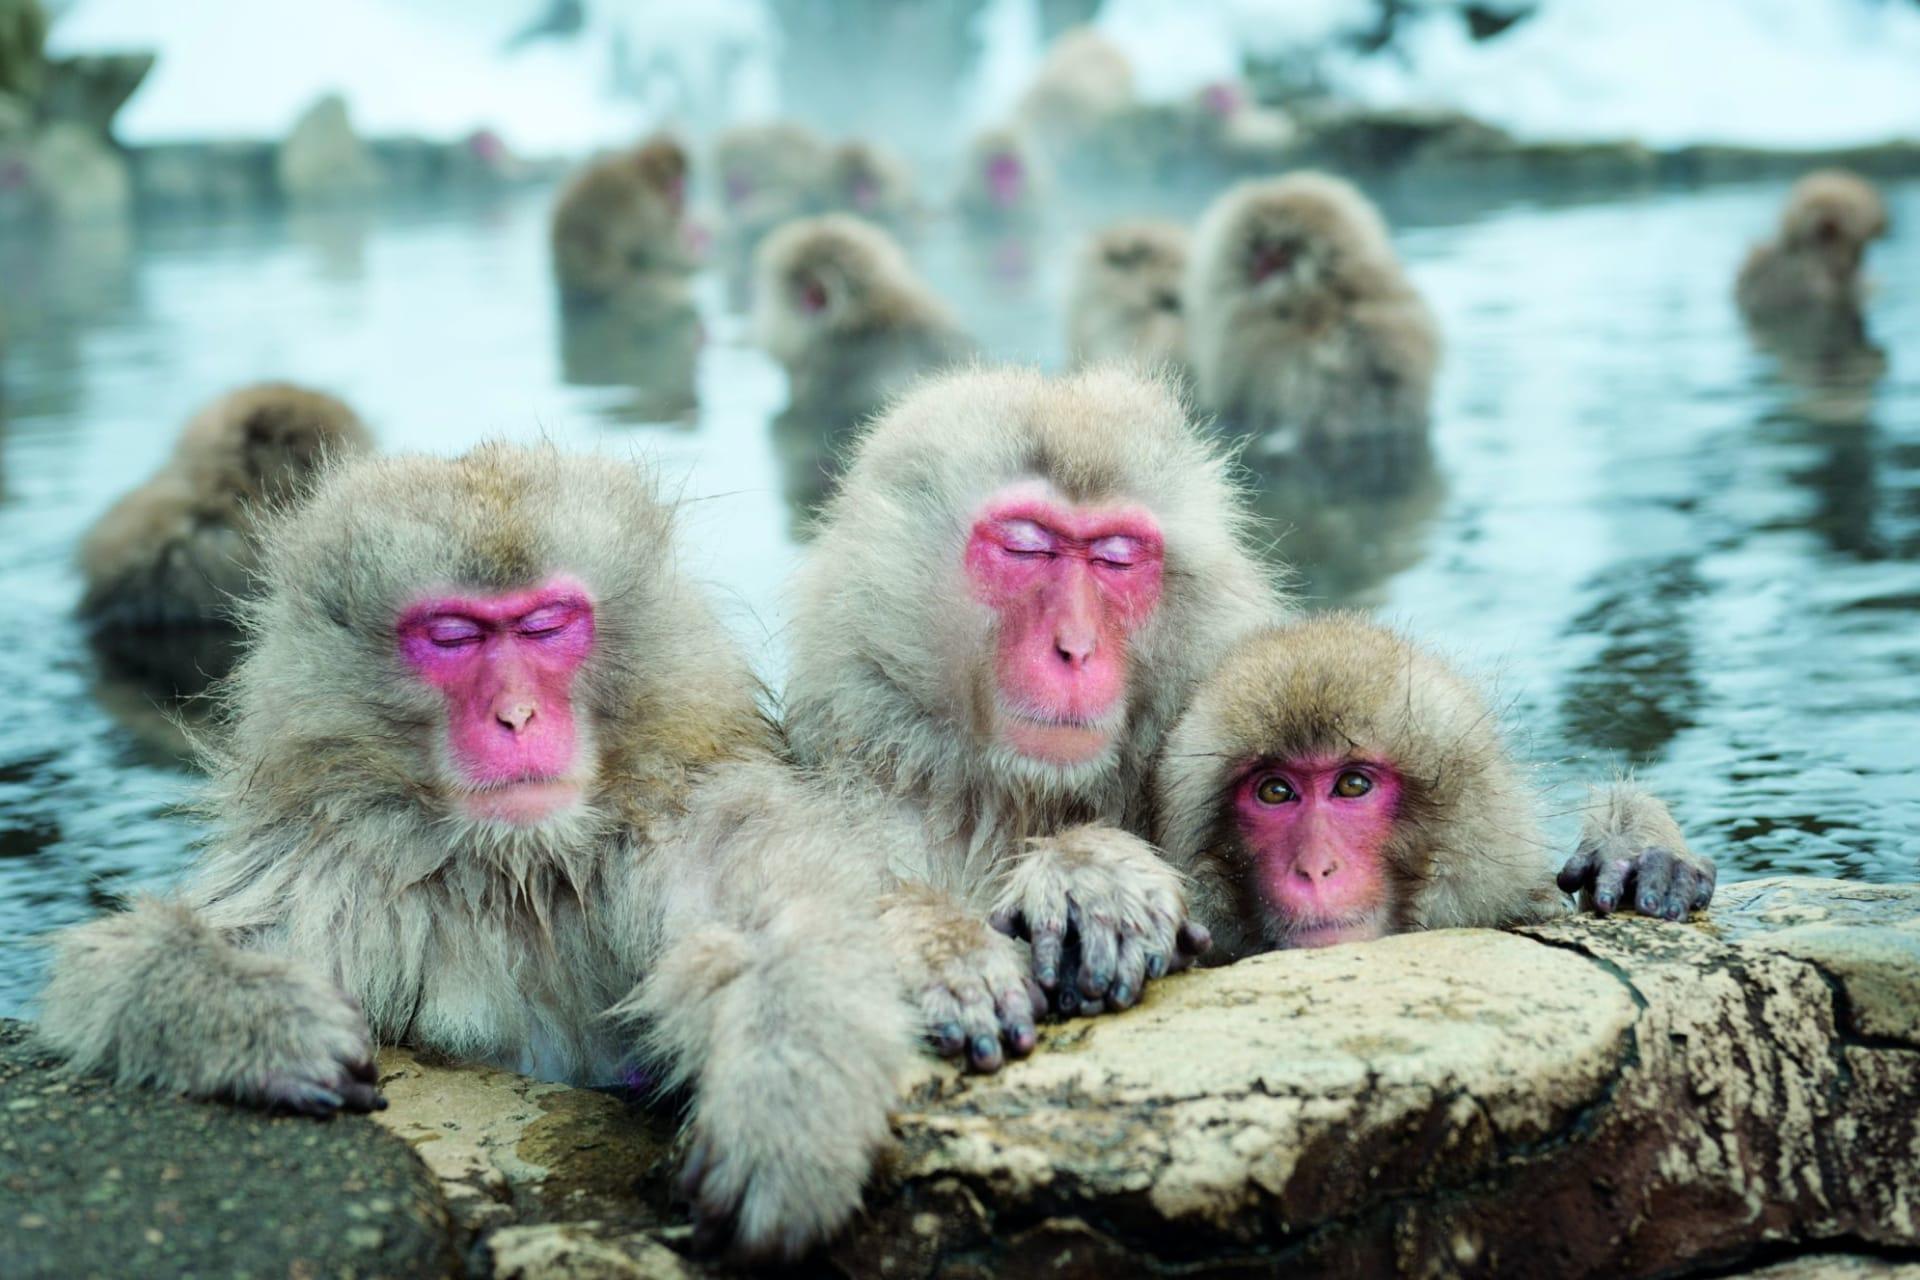 Nagano: Snow Monkeys